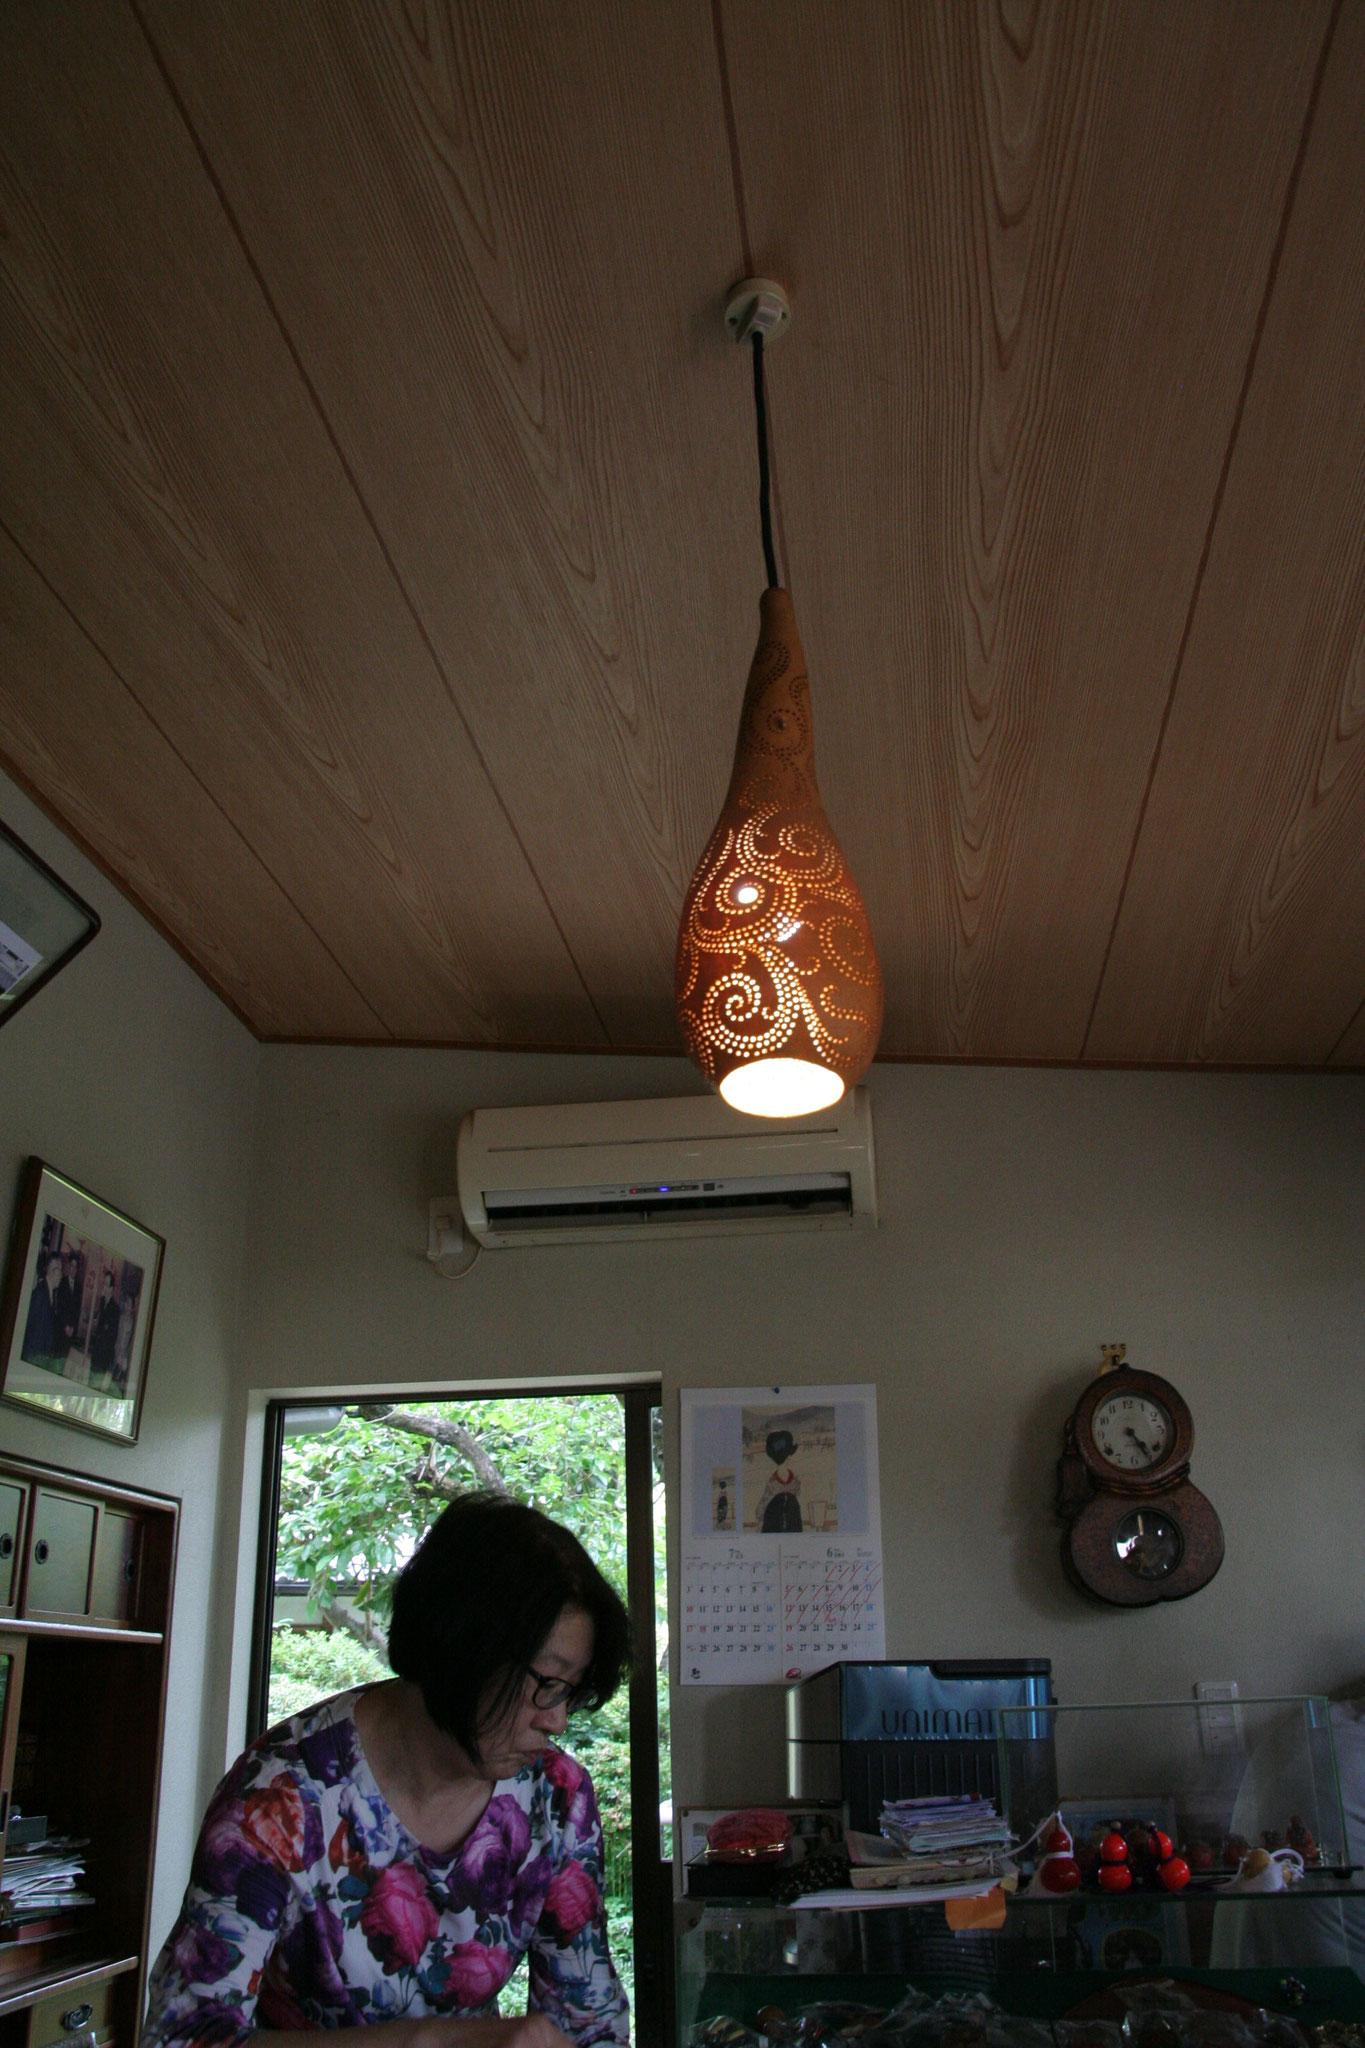 天井からぶら下がる瓢箪のライト。